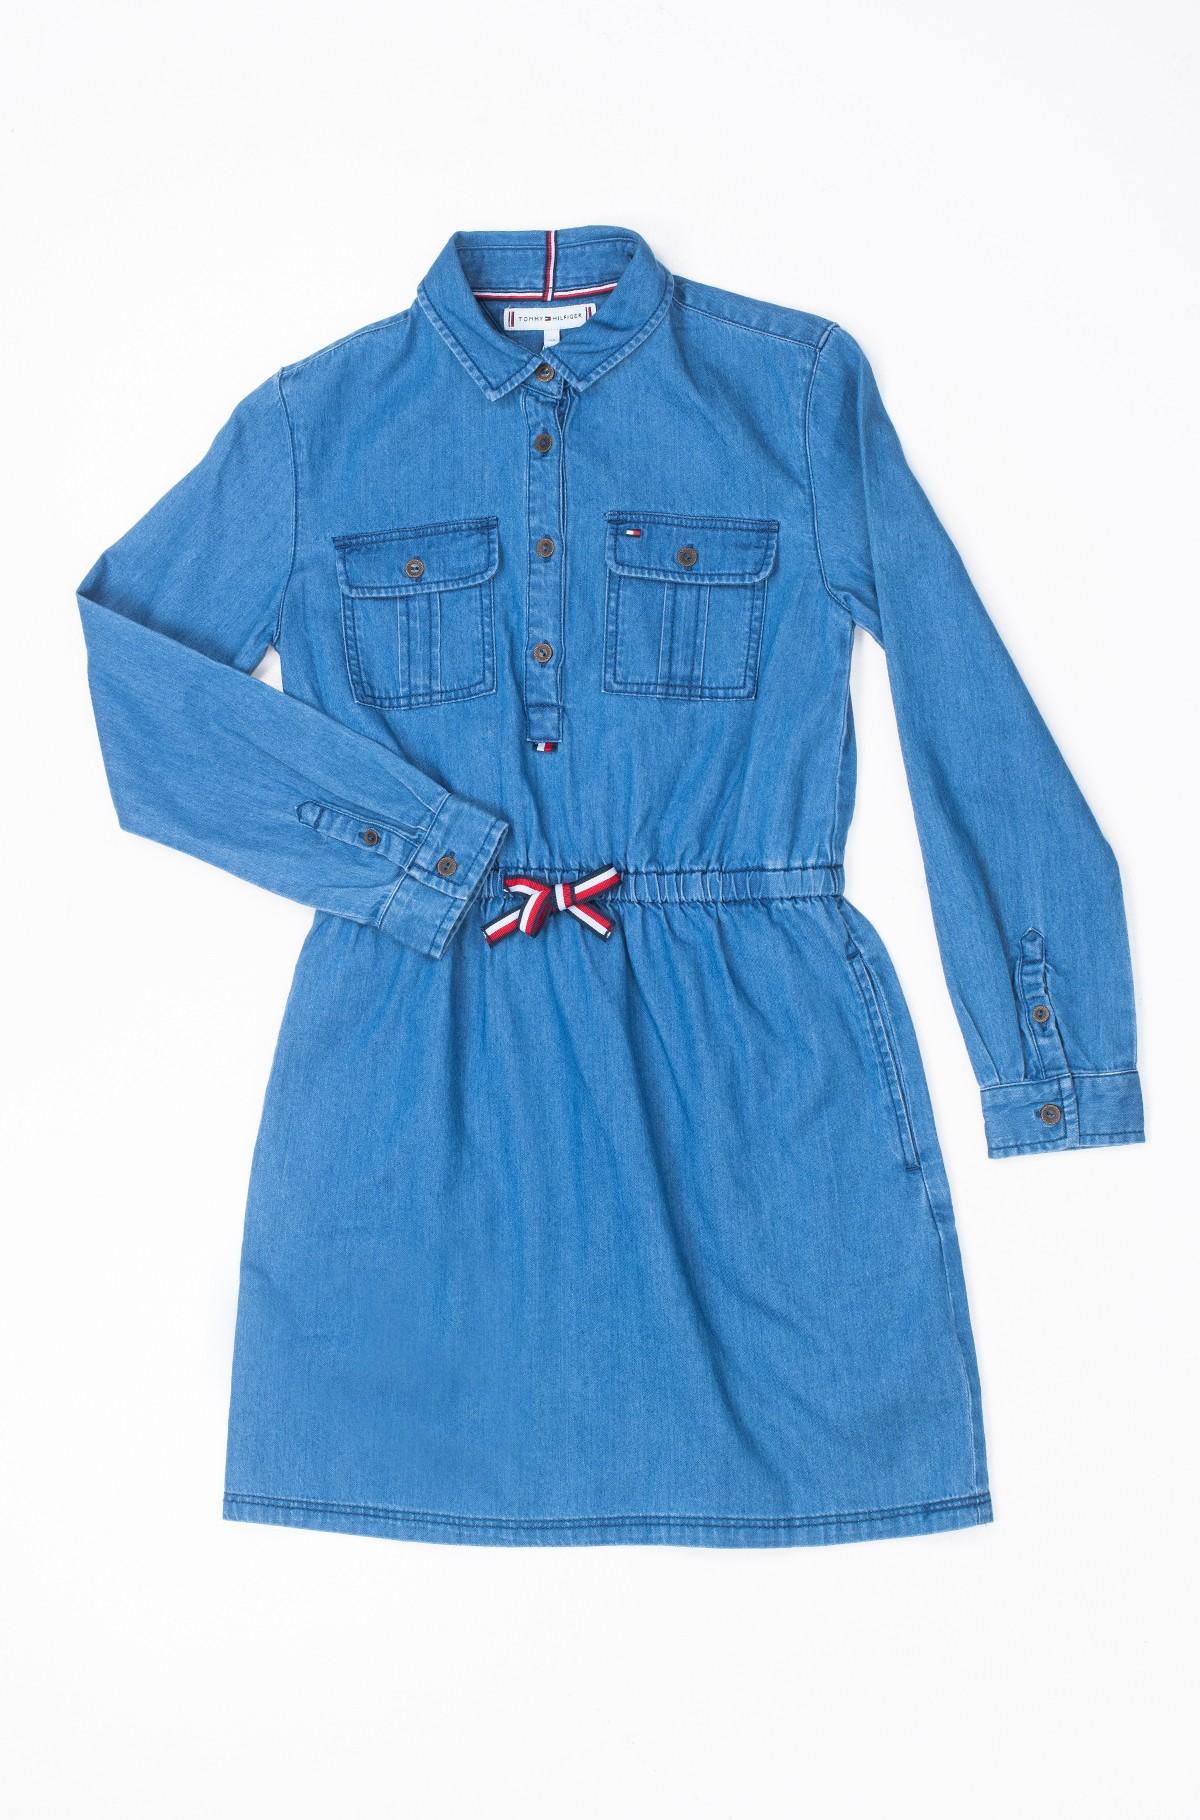 Laste kleit TOMMY DENIM DRESS-full-1